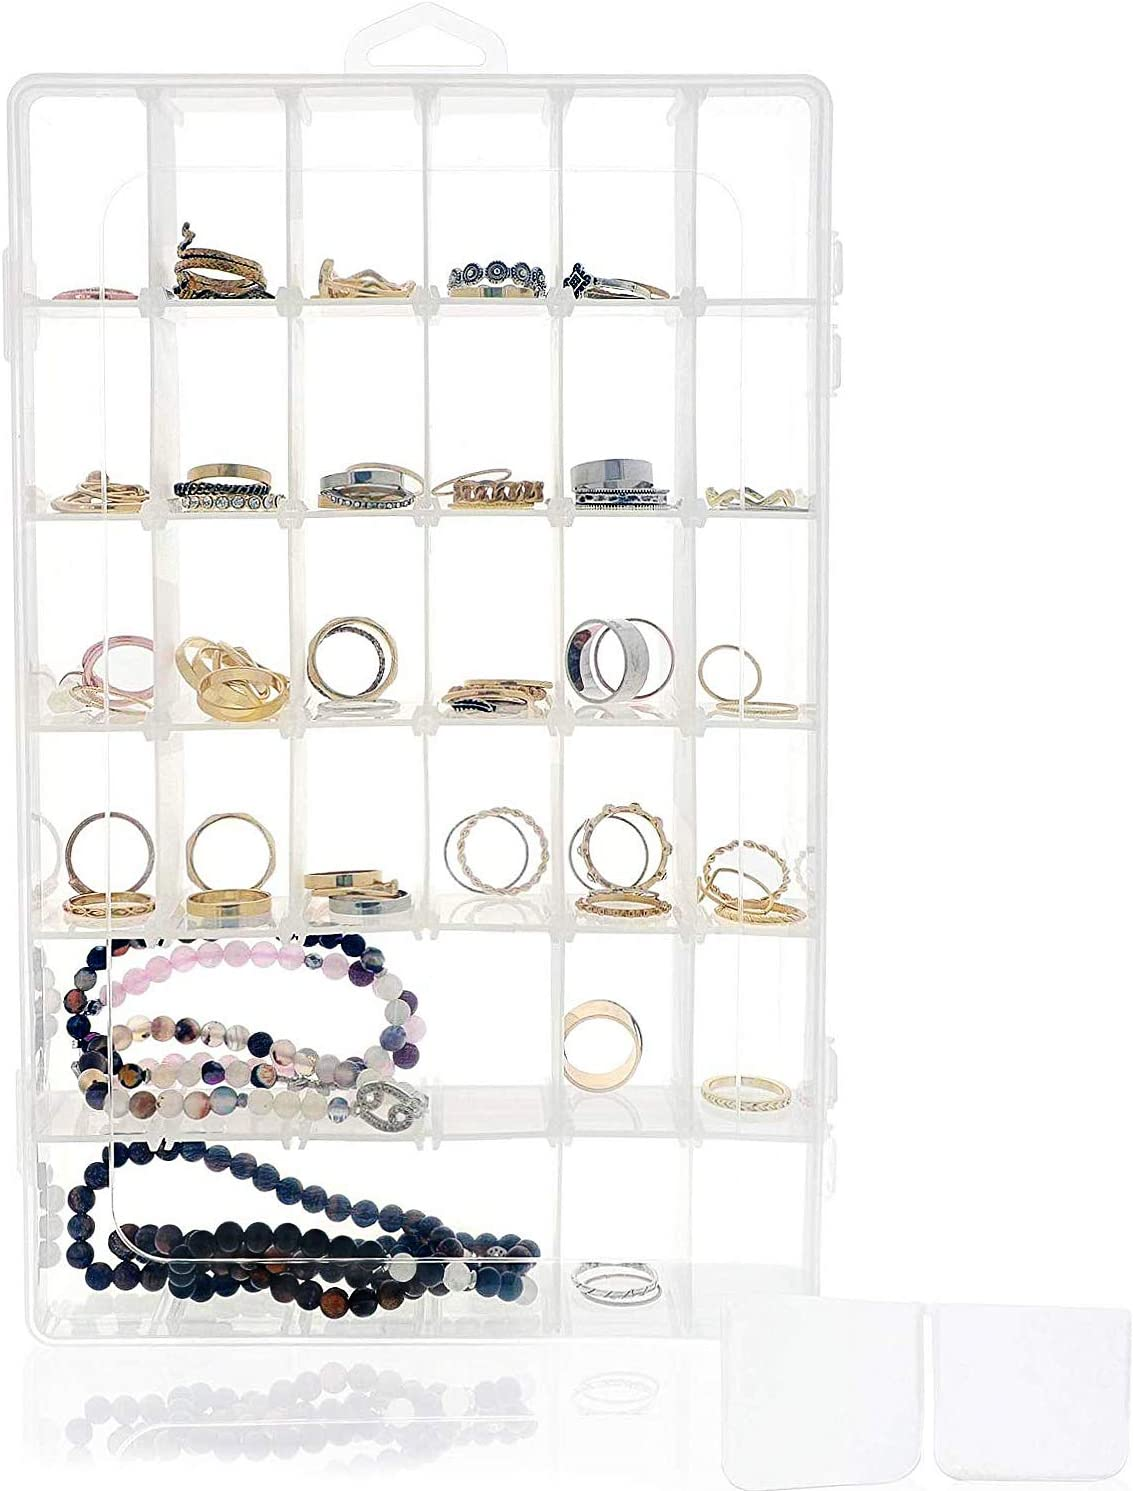 Caja de joyería transparente – contenedor de almacenamiento de cuentas de plástico, organizador de almacenamiento de pendientes con divisores ajustables, 36 rejillas, 26,7 x 4,3 x 17,8 cm